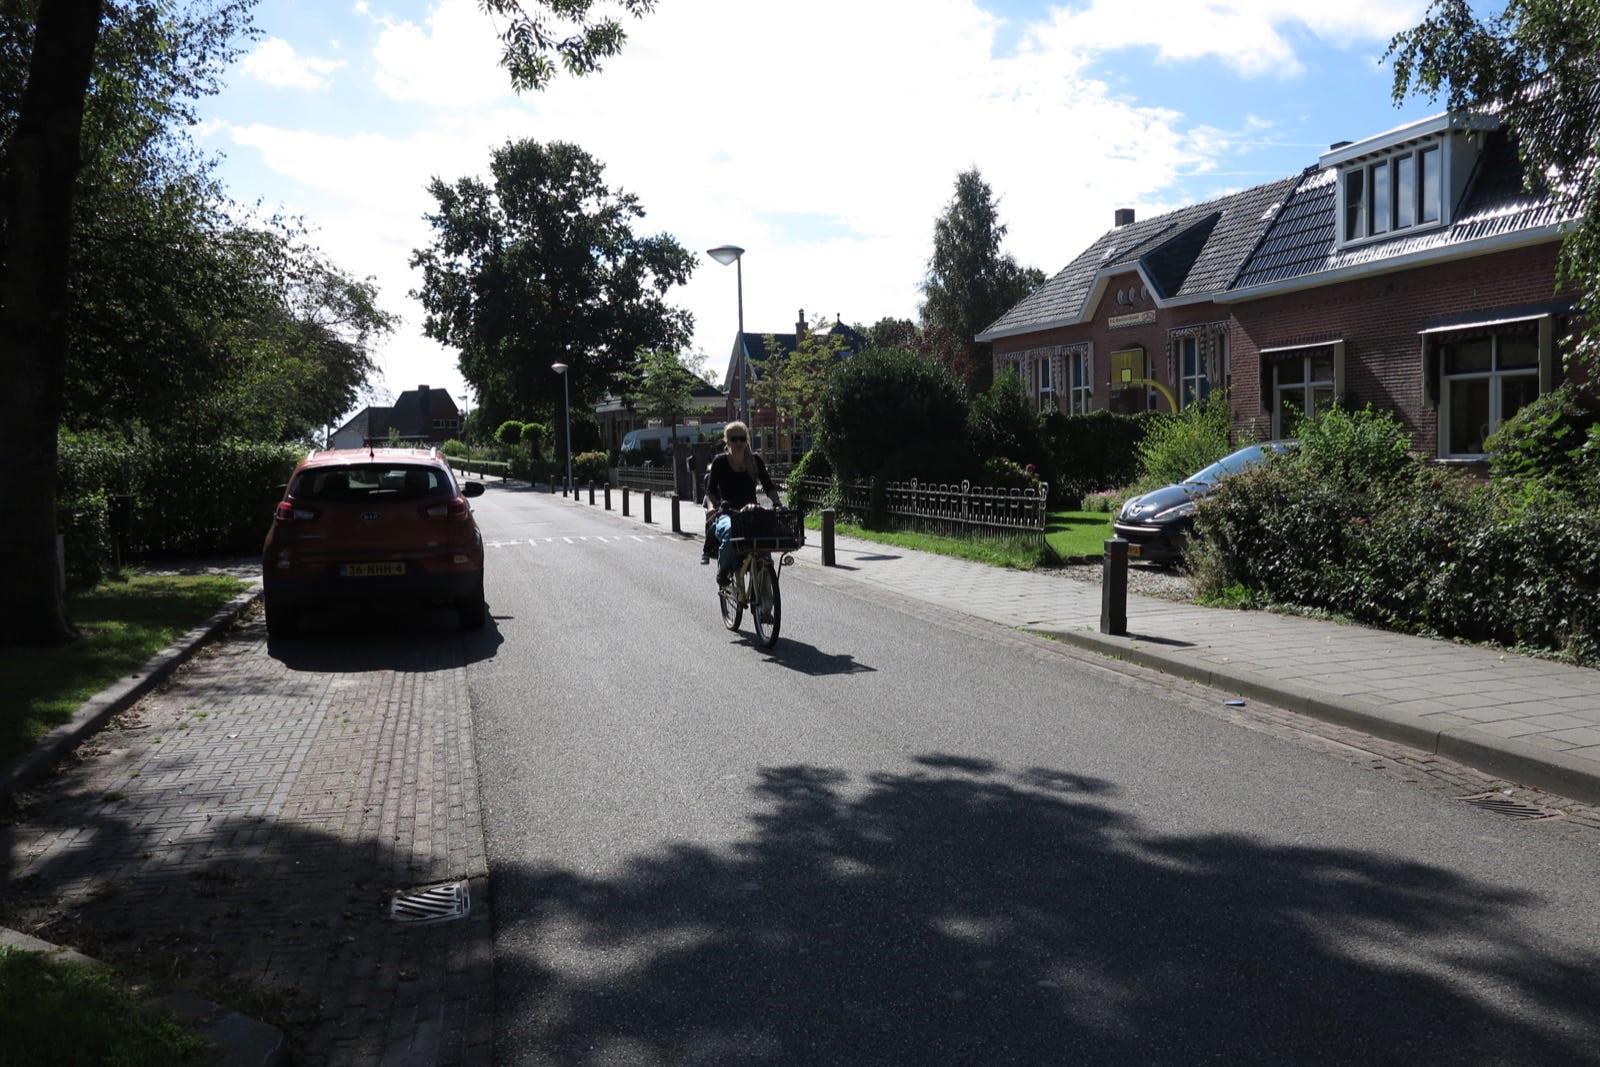 et-fiets-en-fietser-79-jet-de-wilde-met-mink-achterop-oi.jpg